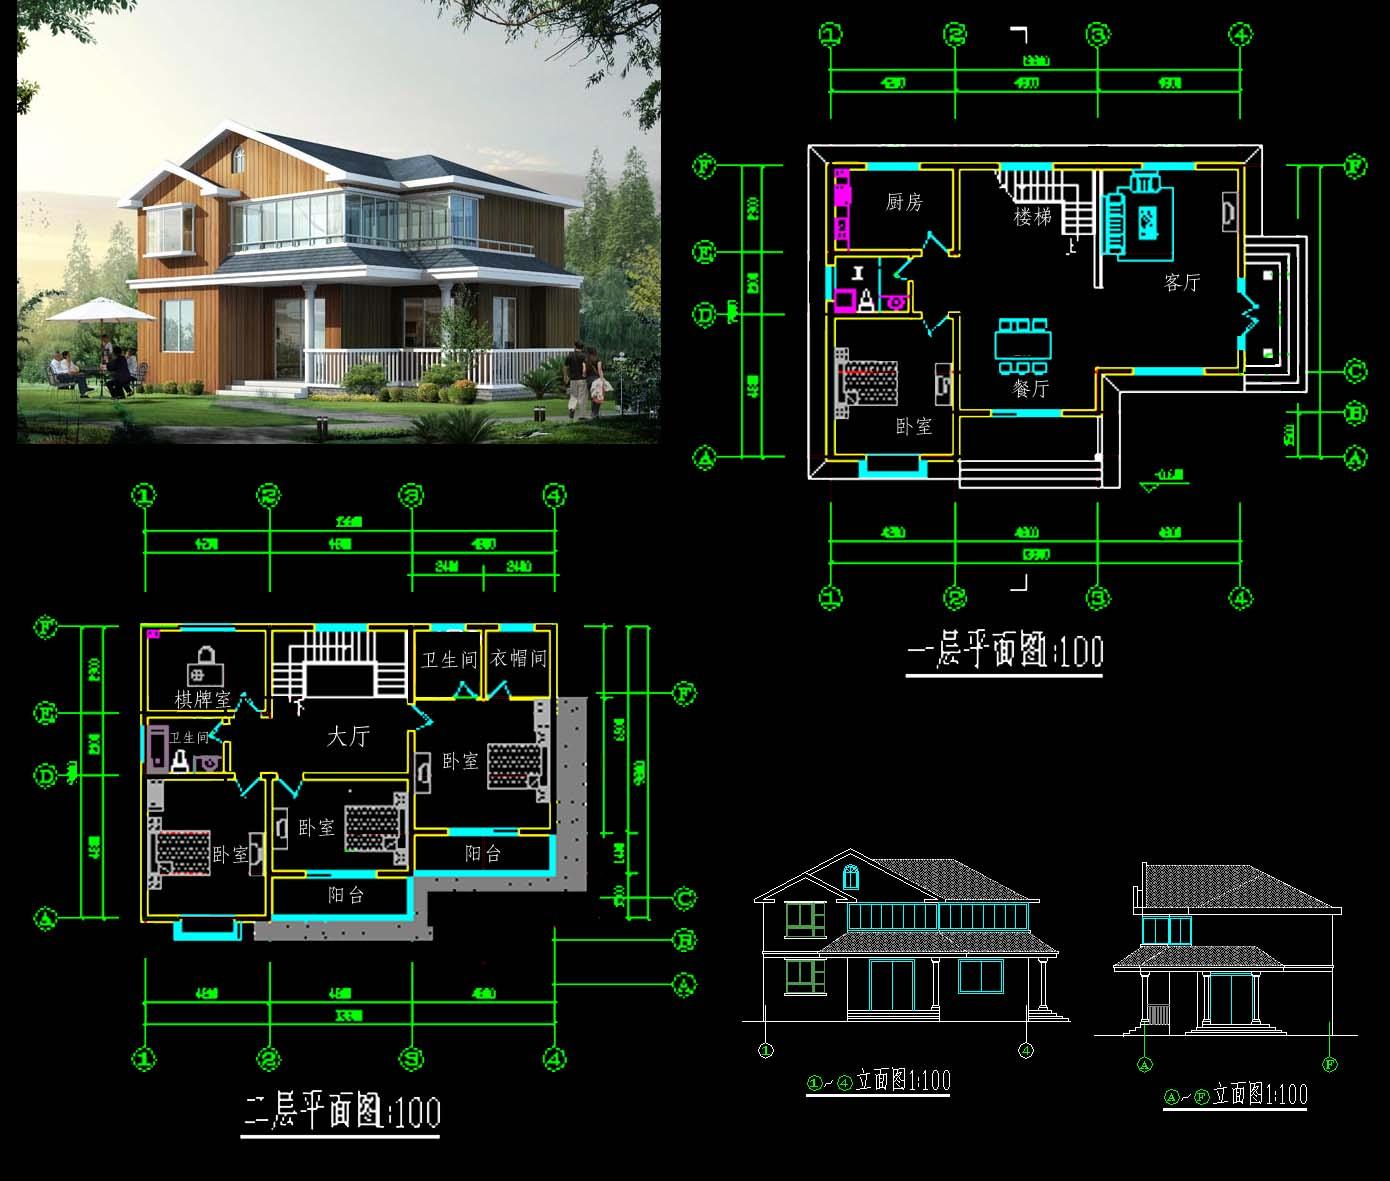 求东西长15米,南北宽10米自建别墅设计图,万分感谢